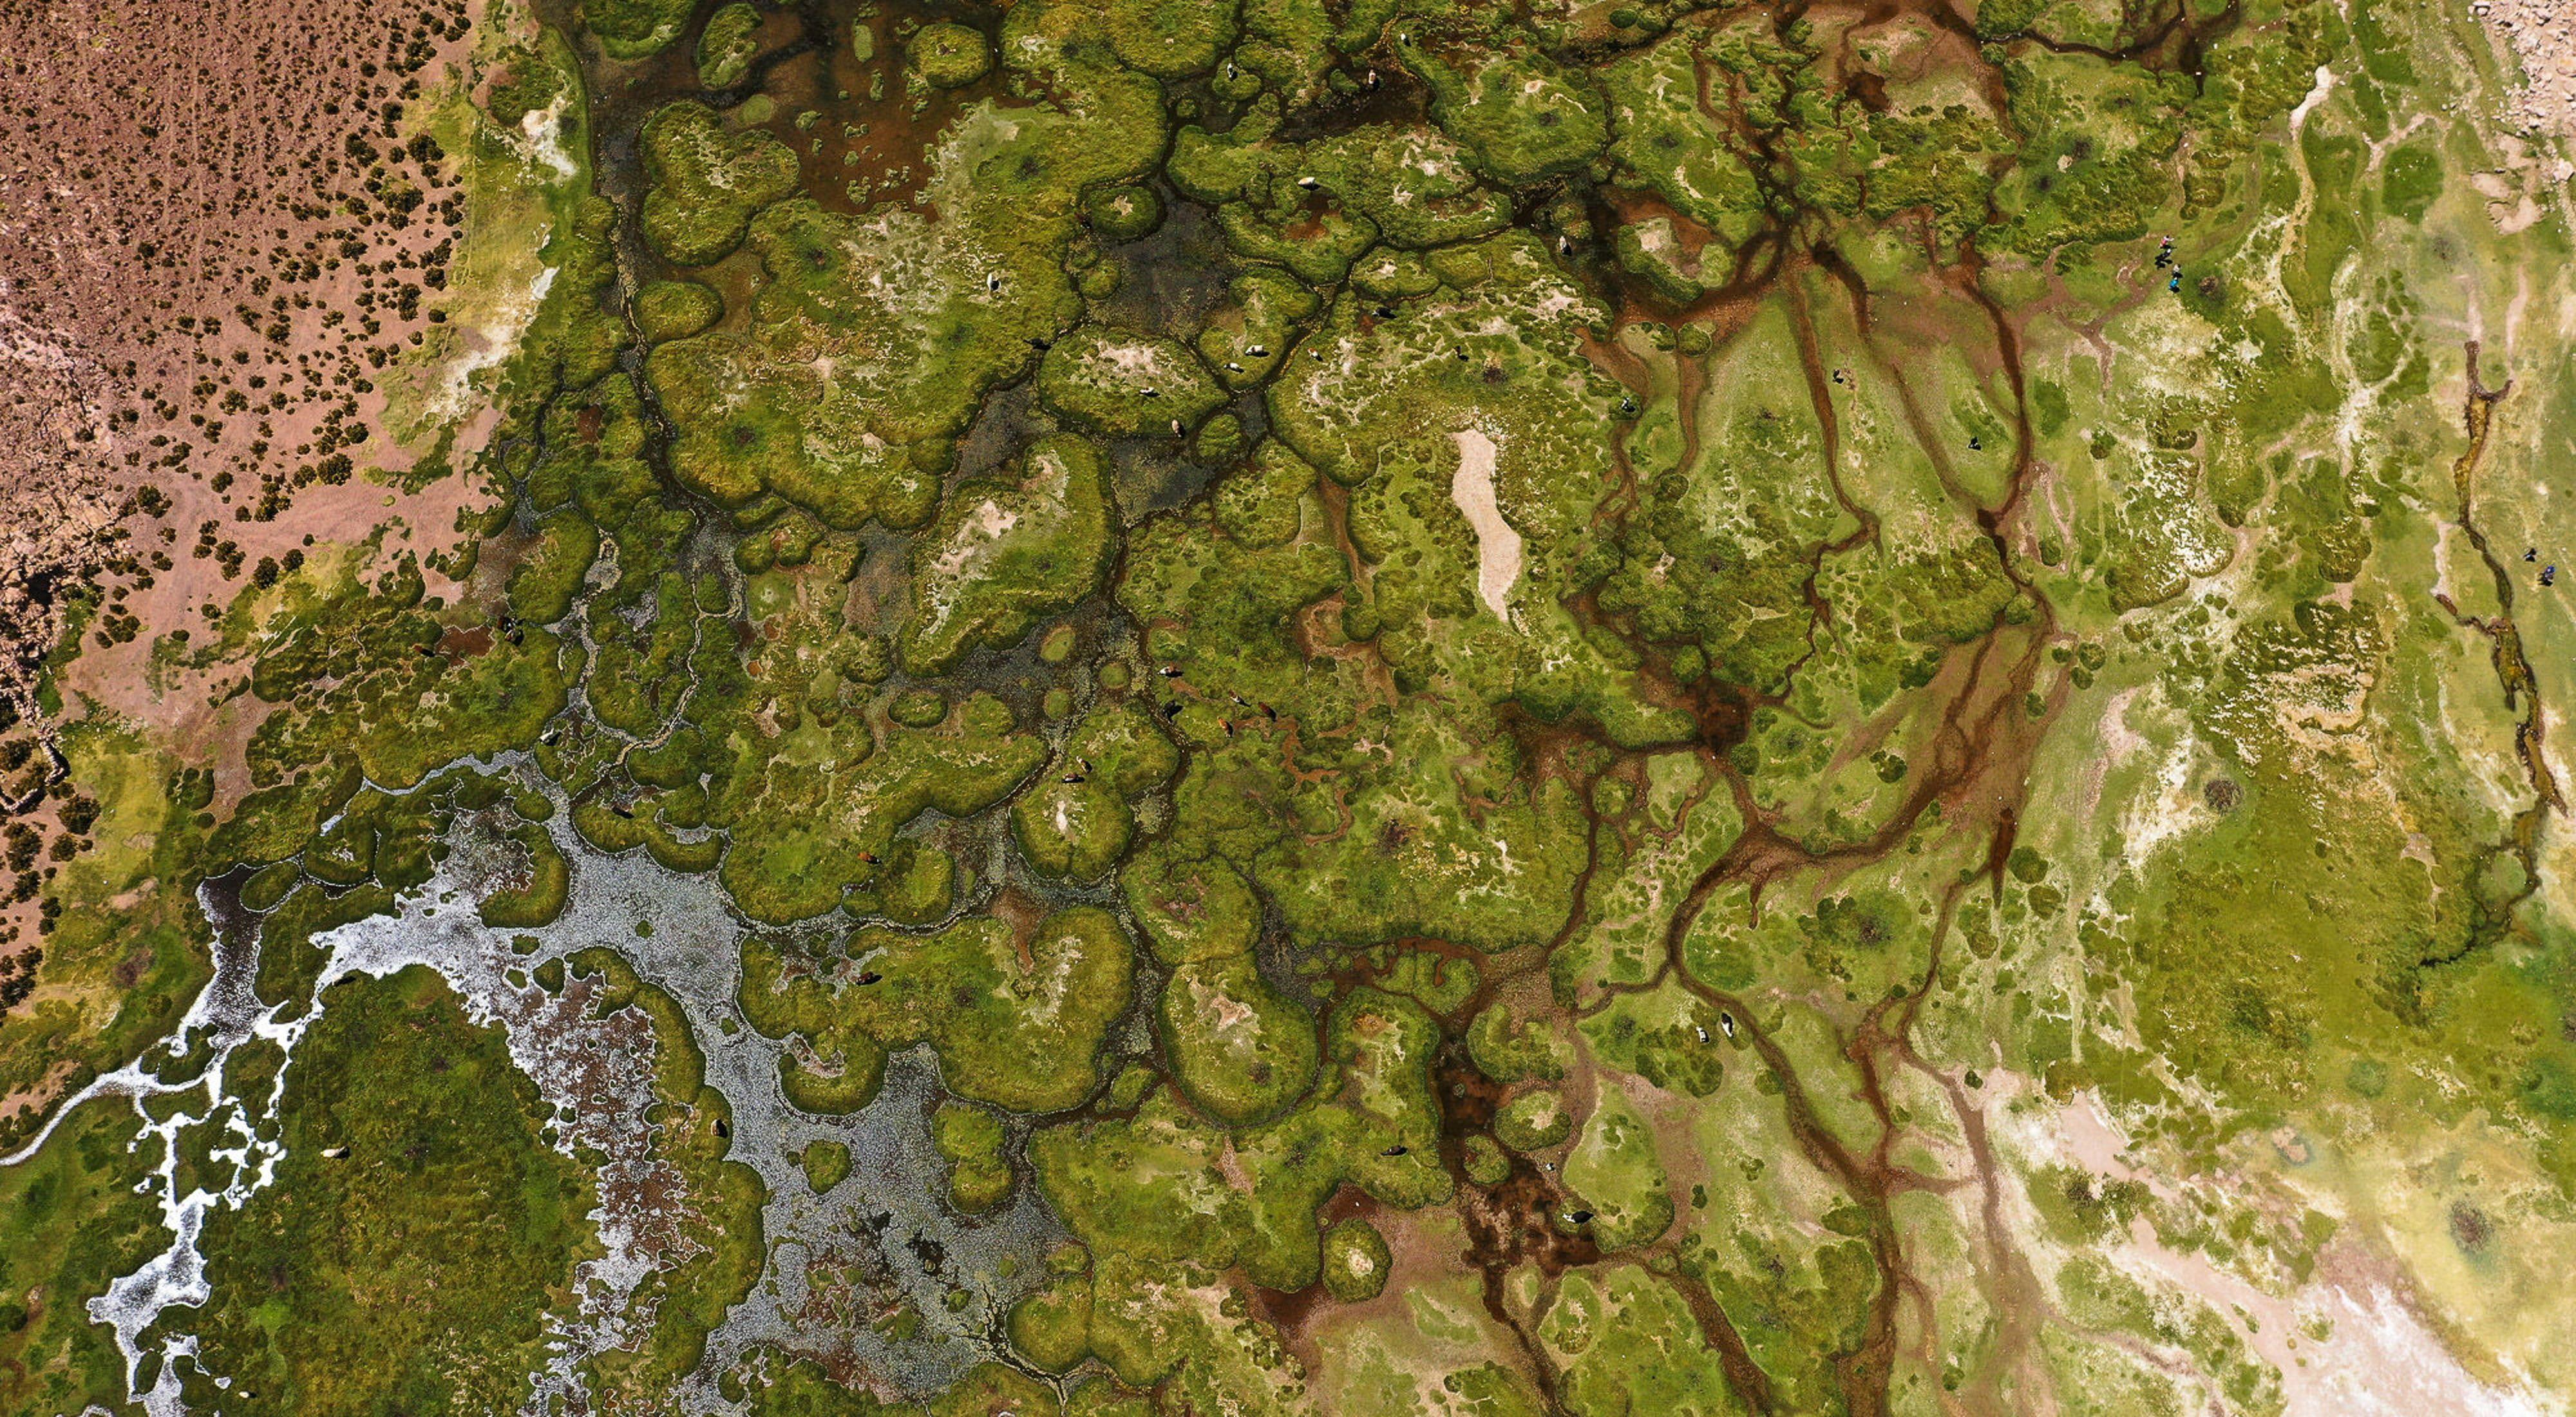 Los páramos que se forman entre la cordillera volcánica de Bolivia alberga una cantidad impresionante de vida entre el lugar más árido del planeta. Enrique Baldivieso, Potosi, Bolivia.